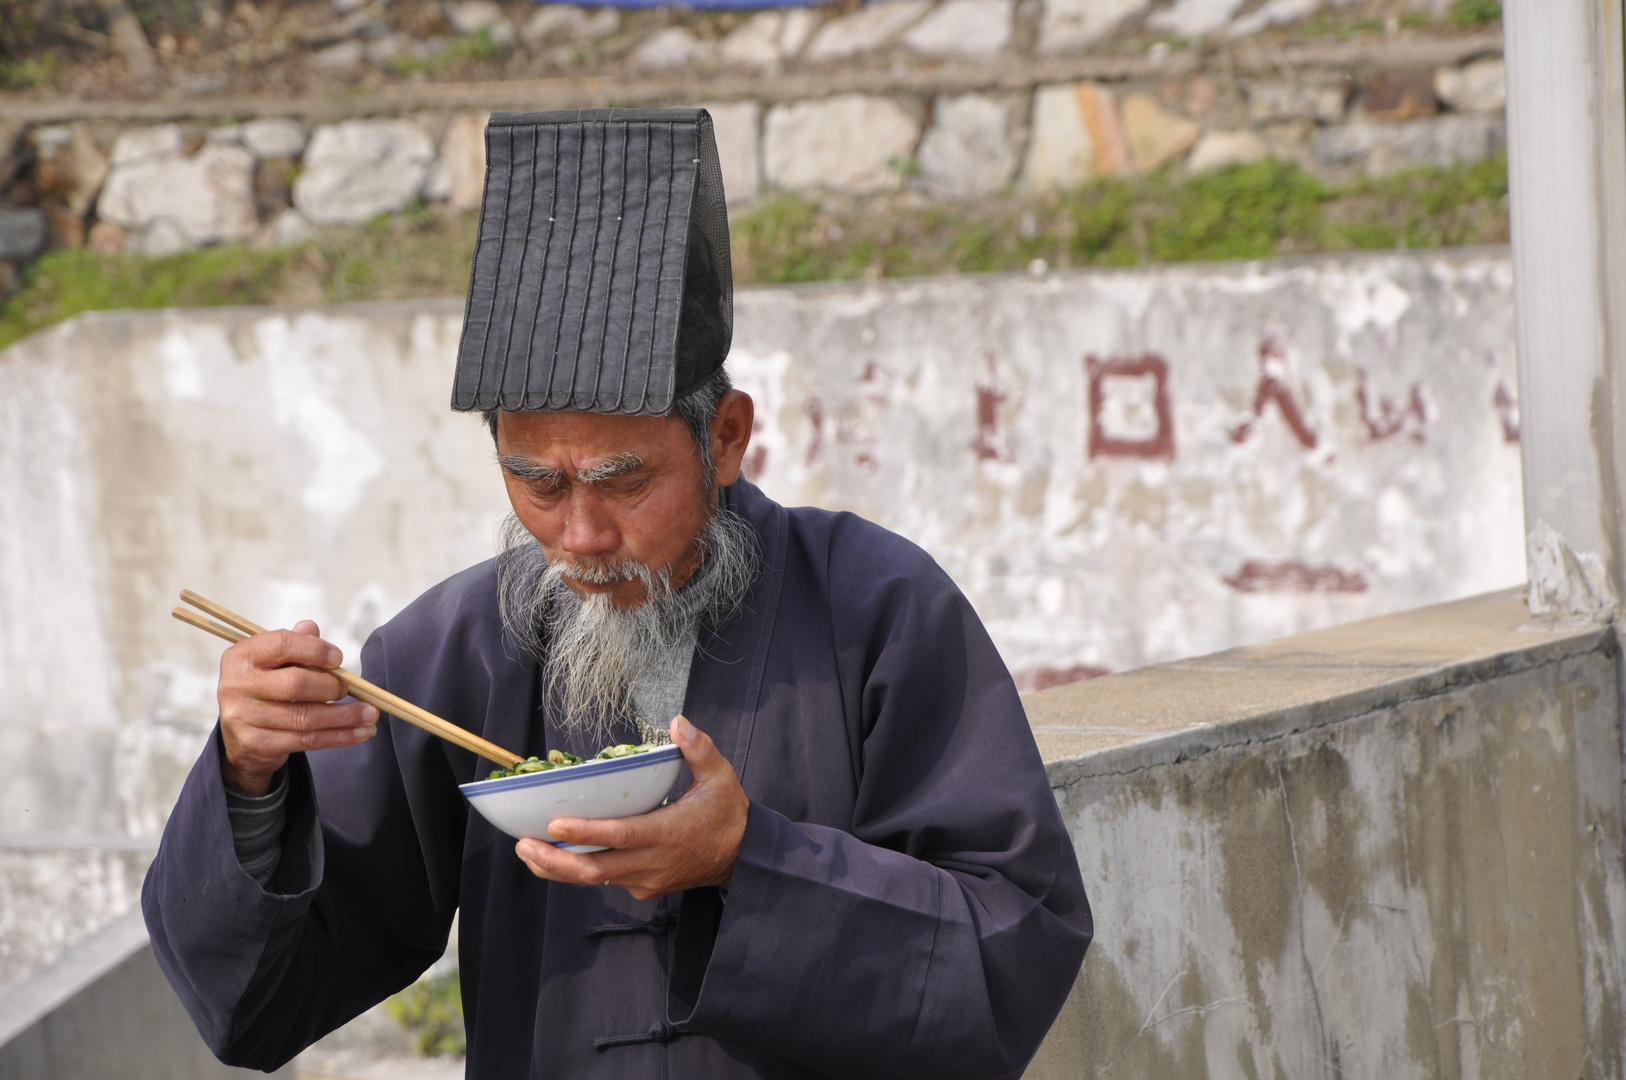 Mönche essen auch im Stehen (China/Maoshan)